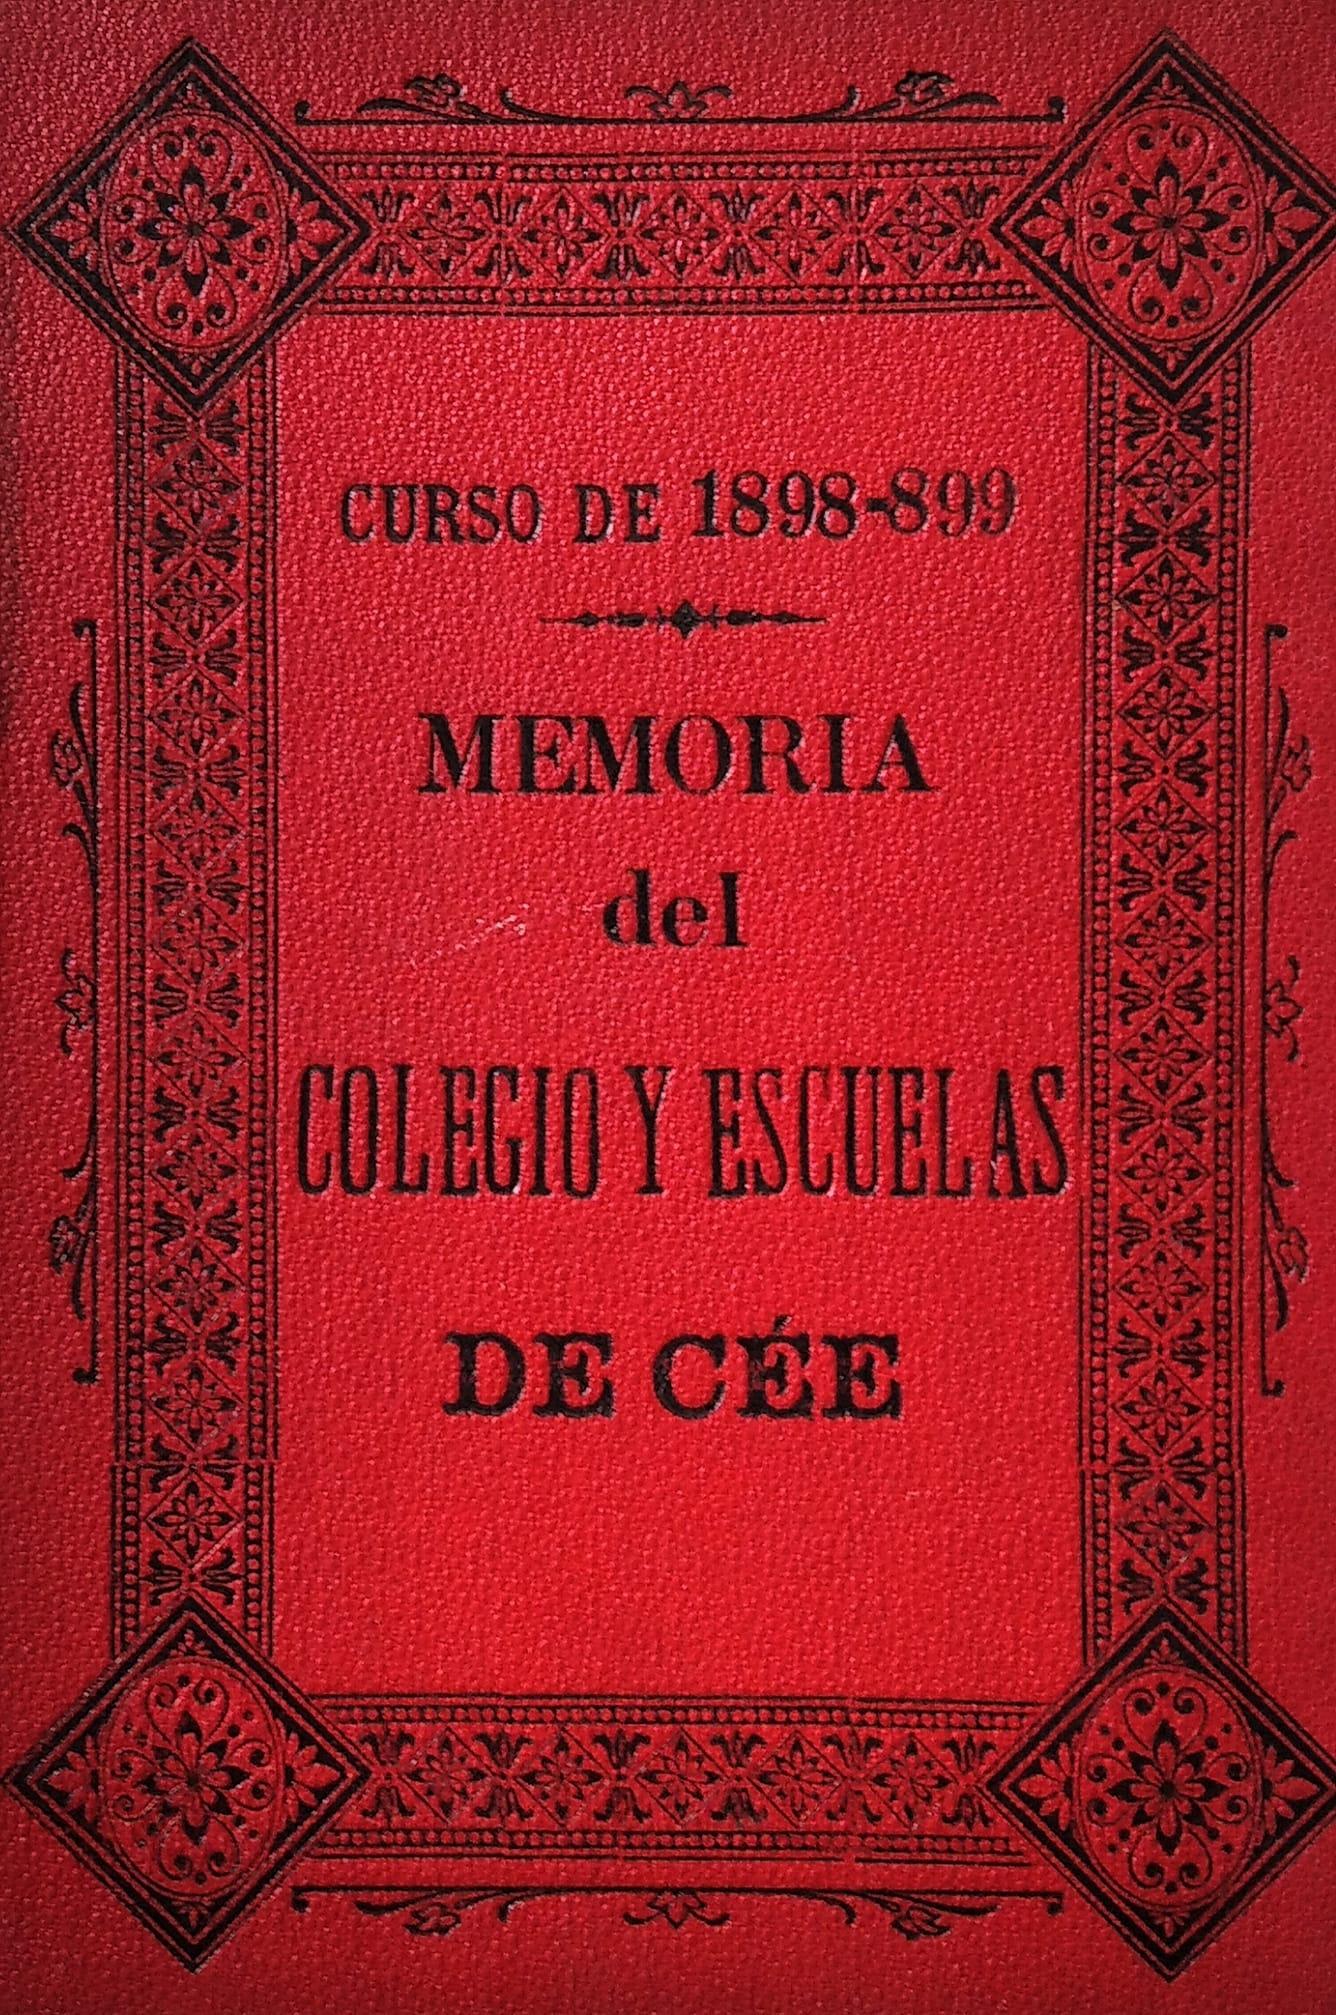 """""""A memoria é o único paraíso do que non podemos ser expulsados"""" (Jean Paul Richter). Memoria do Curso 1898-1899 do Colexio e Escolas de Cee. 1899."""